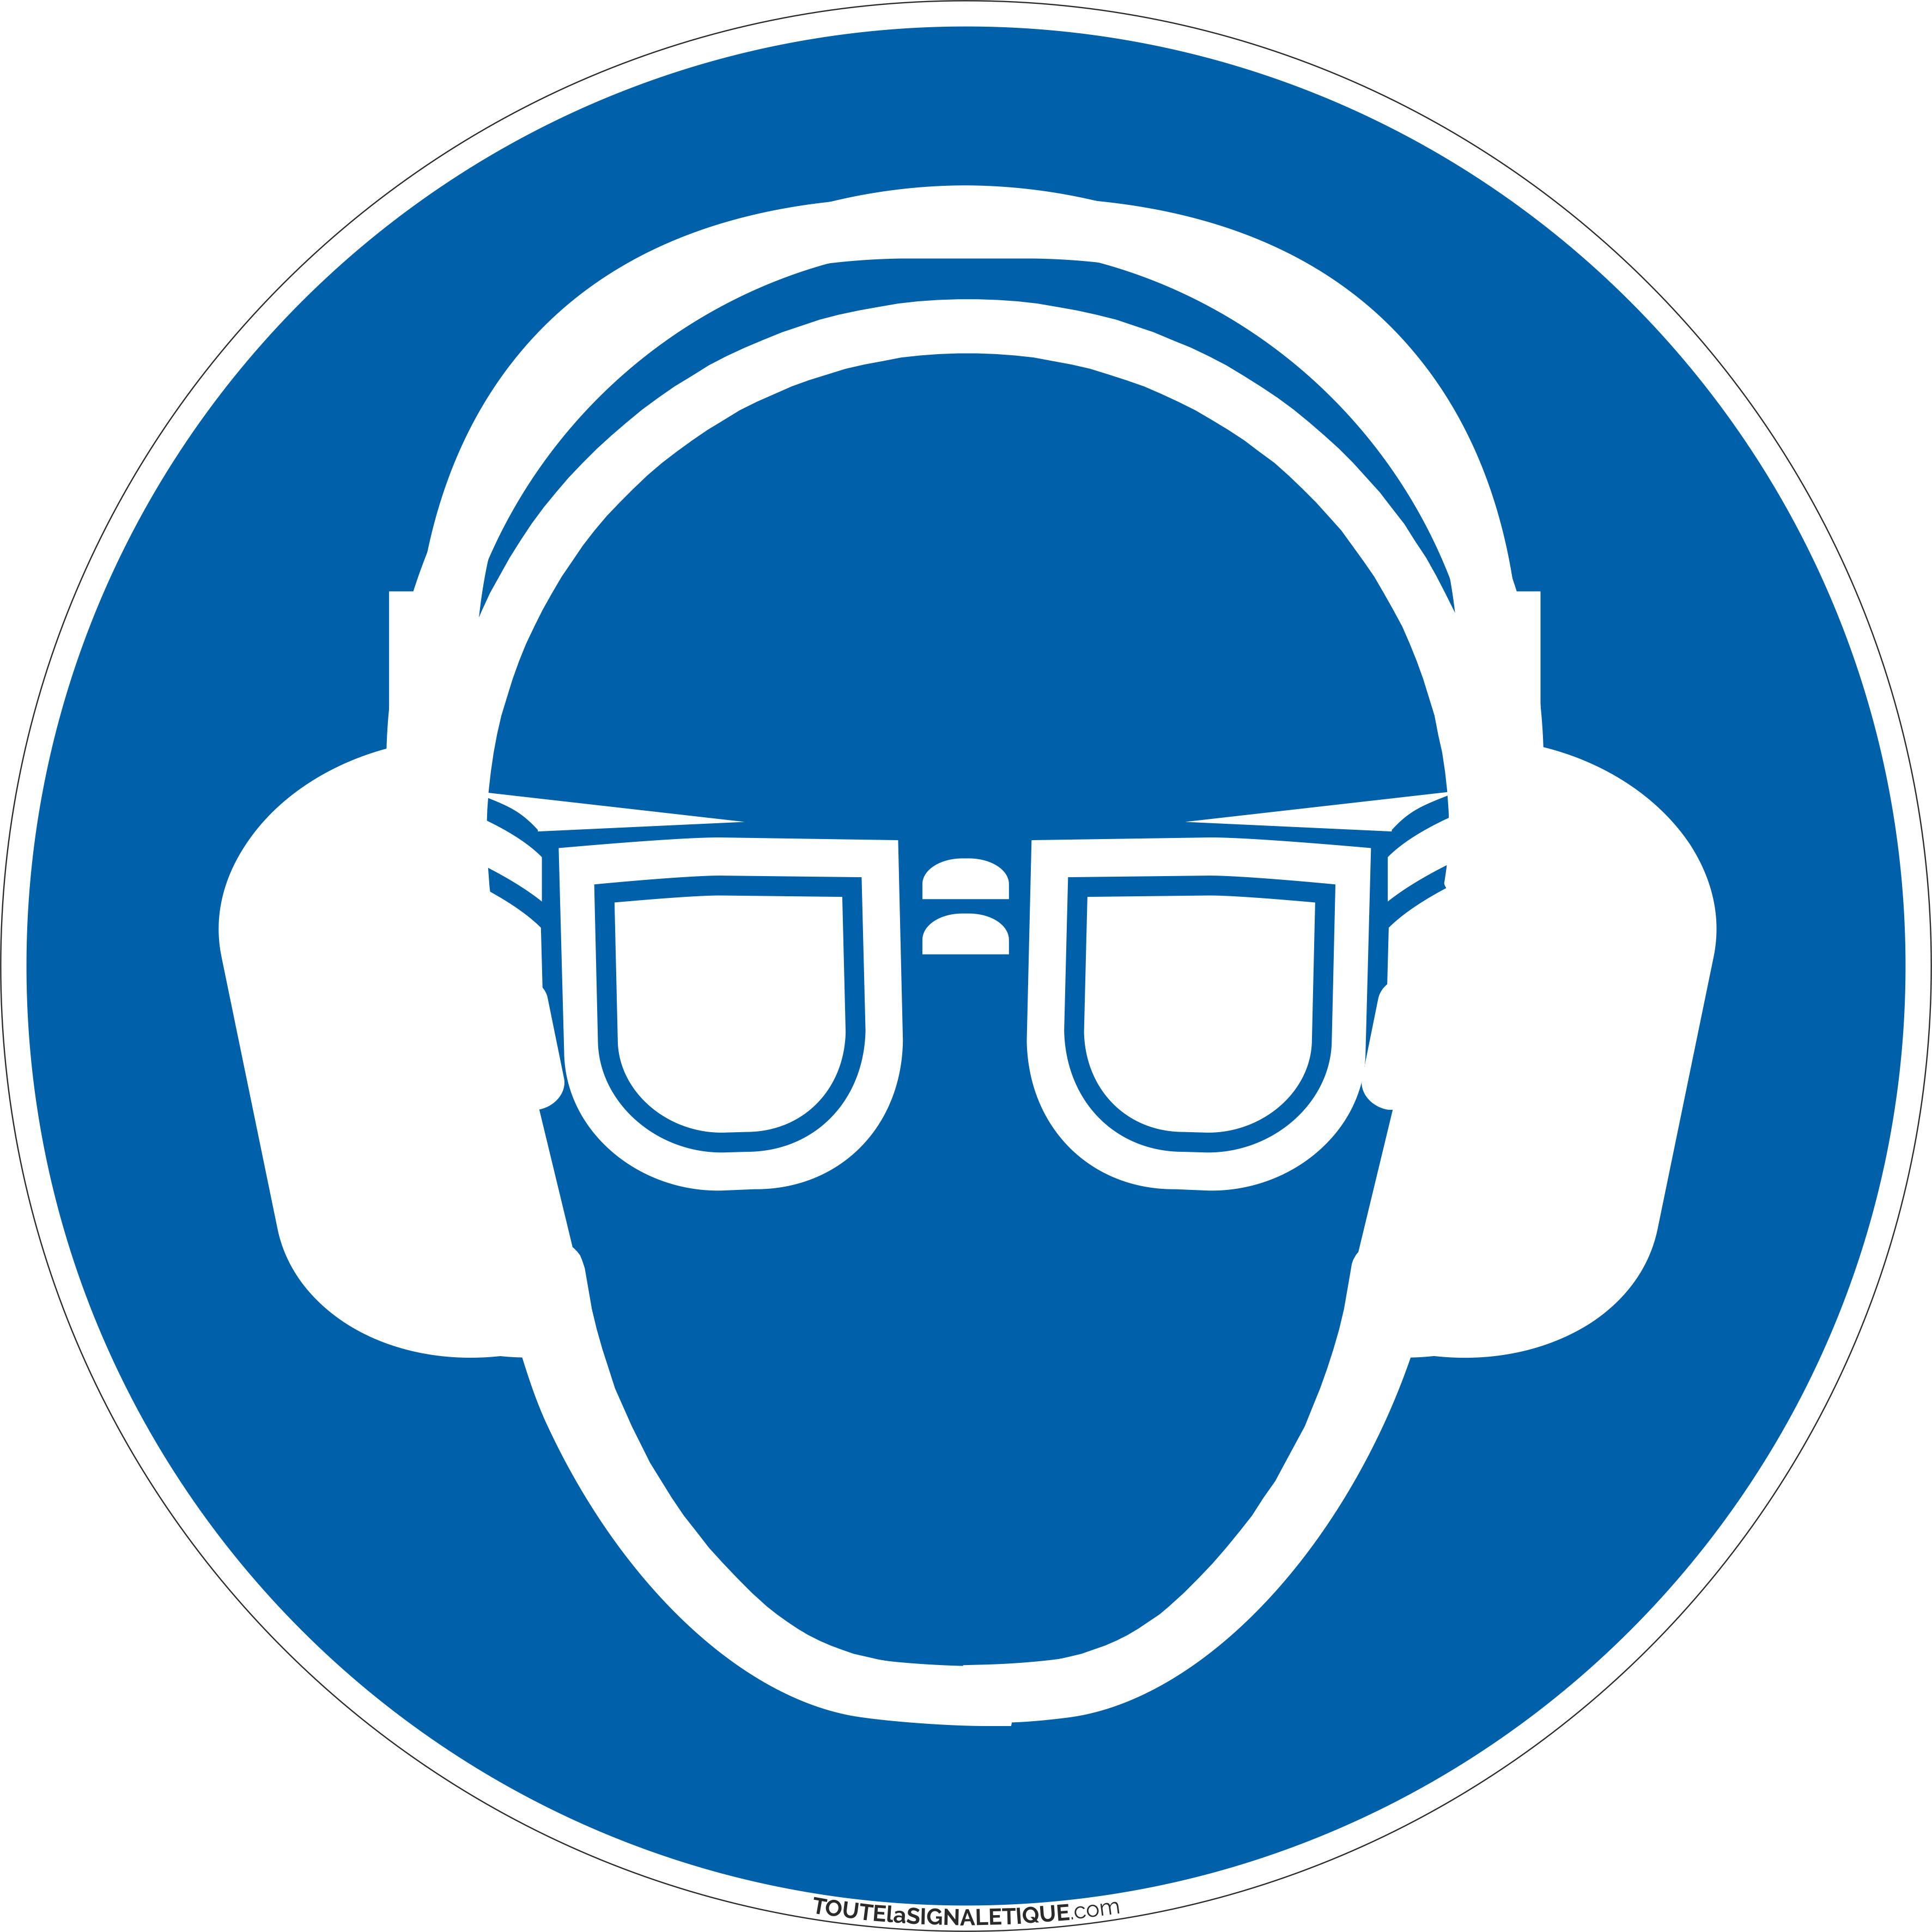 Port lunettes et casque anti-bruit obligatoire obligatoire formats et  matières au choix 78fad0d70264